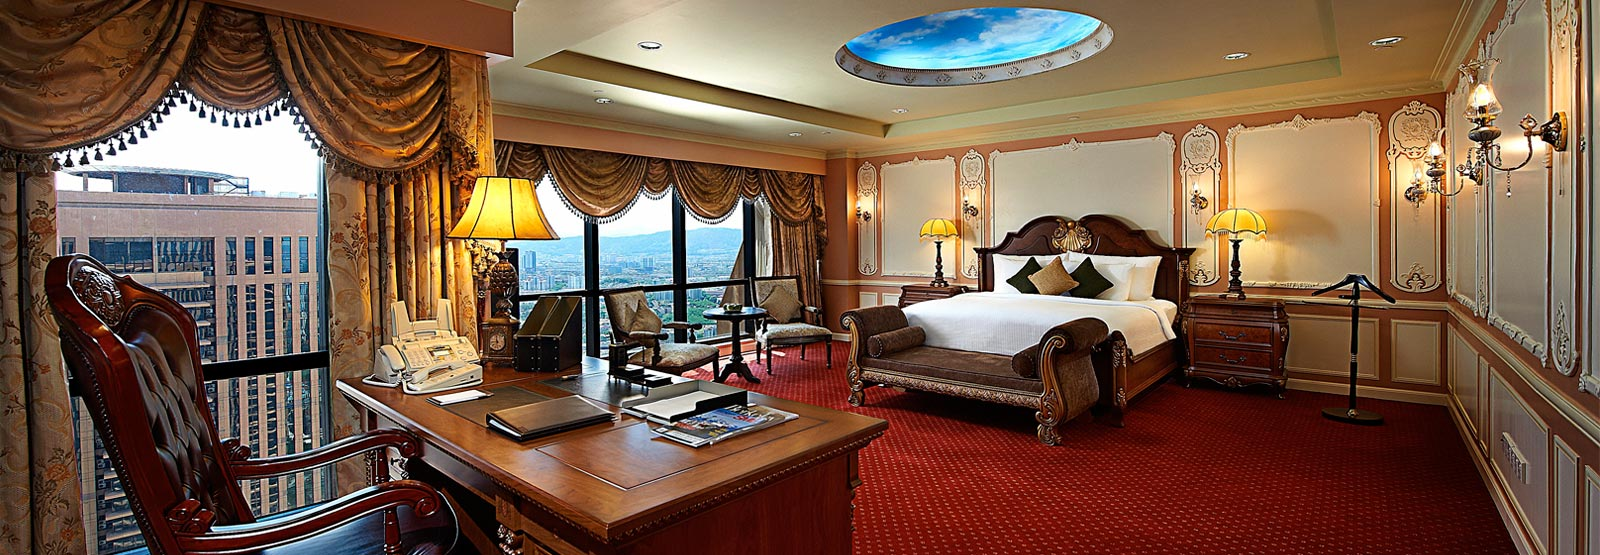 Luxury Hotel In Kuala Lumpur